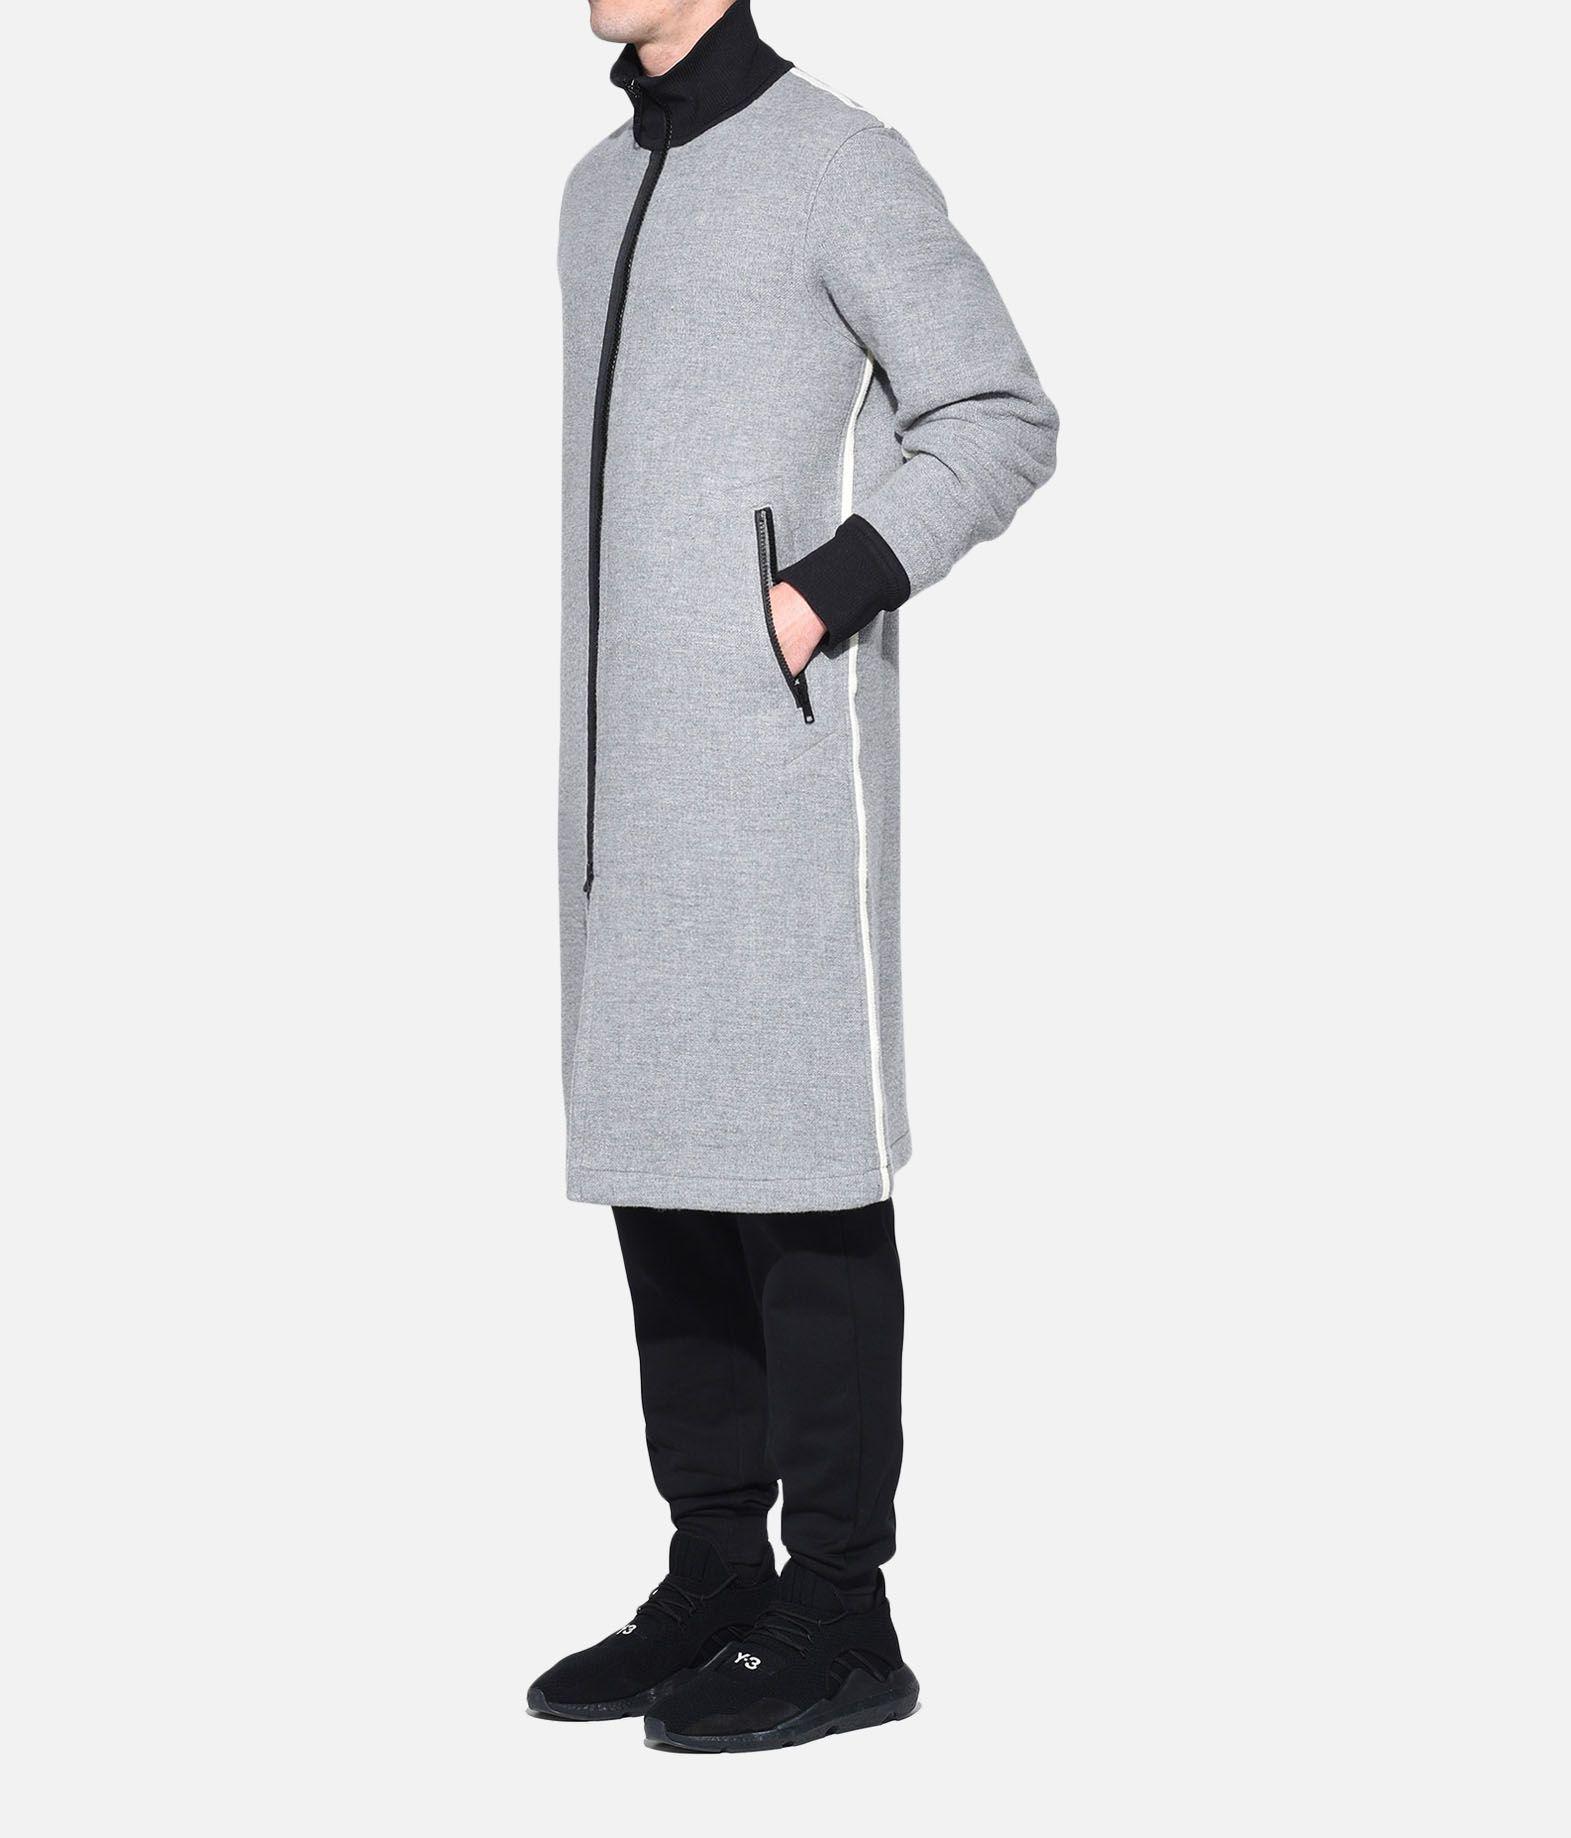 Y-3 Y-3 Spacer Wool Coat コート メンズ e